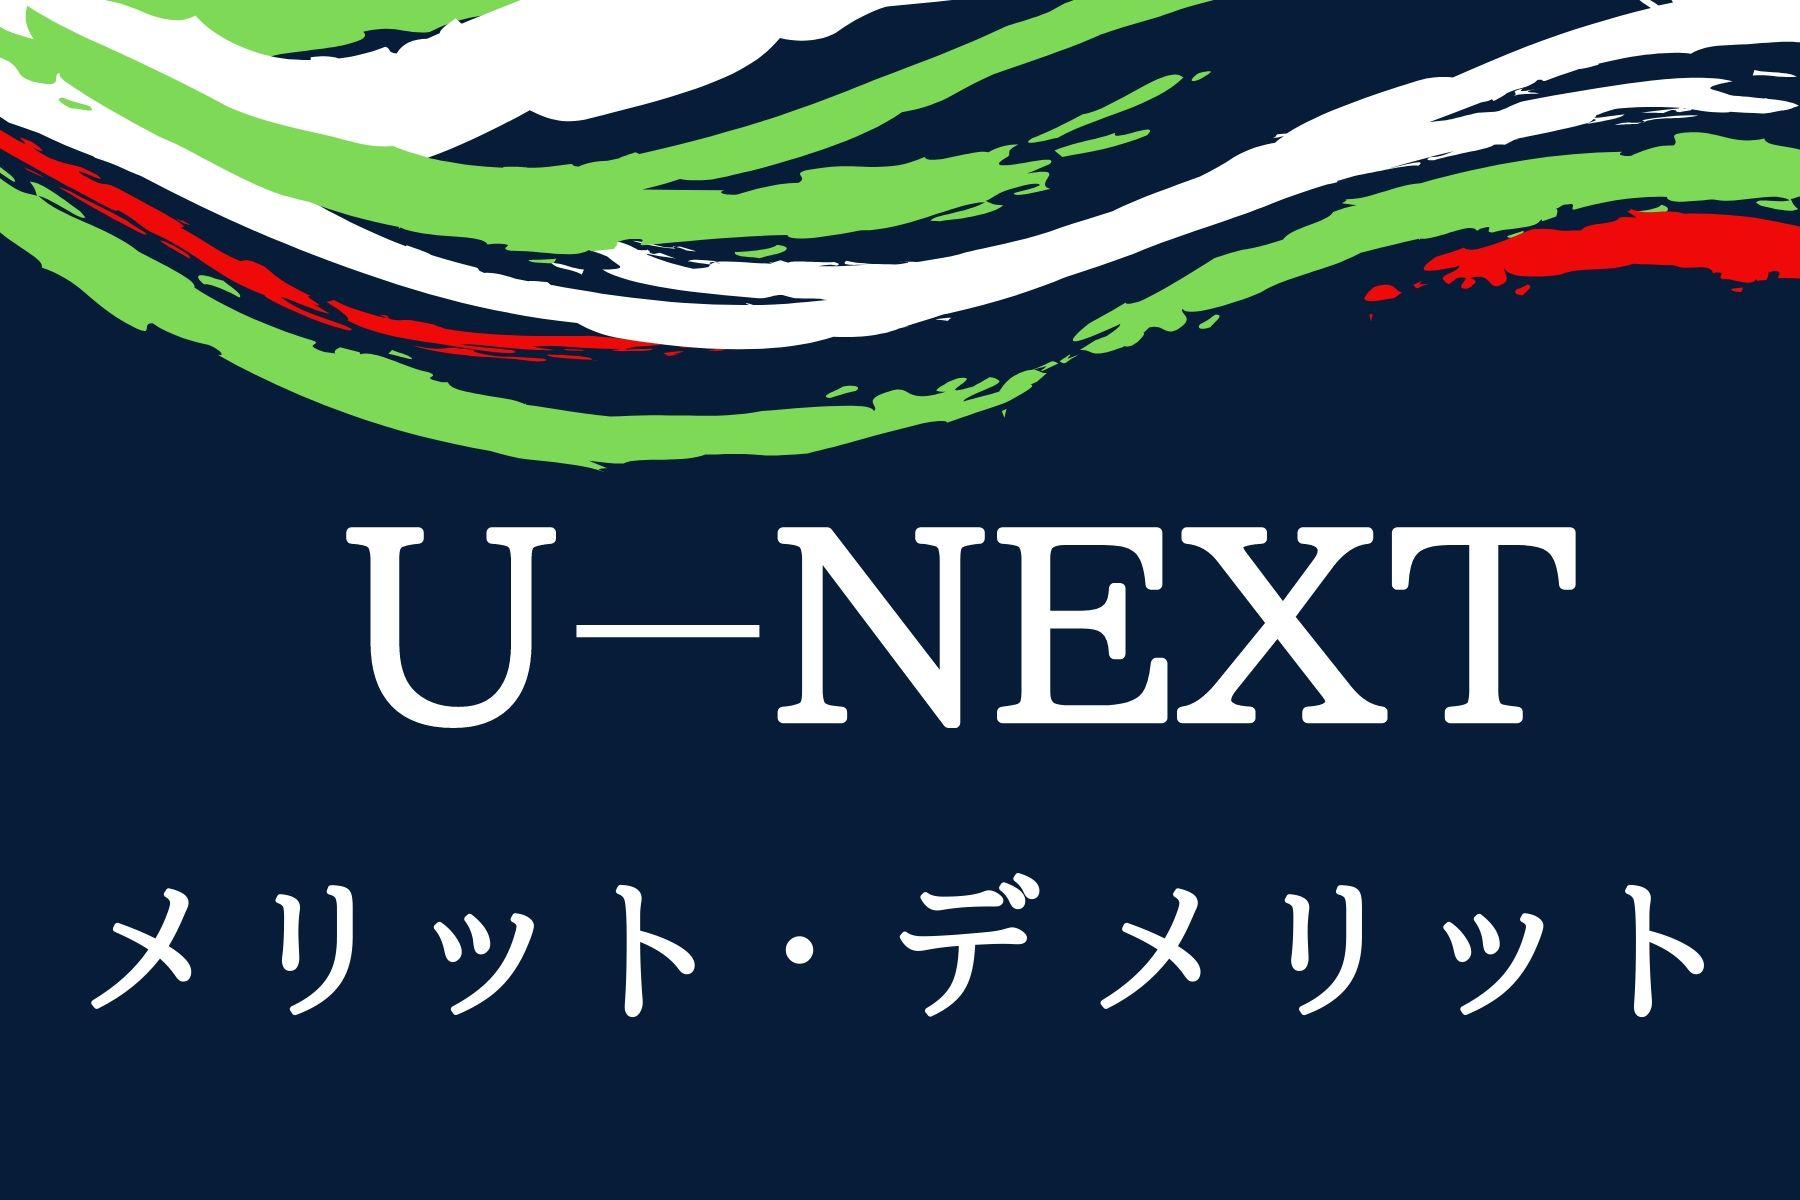 U-NEXT(ユーネクスト)の6つのメリット・2つのデメリット|口コミや評判